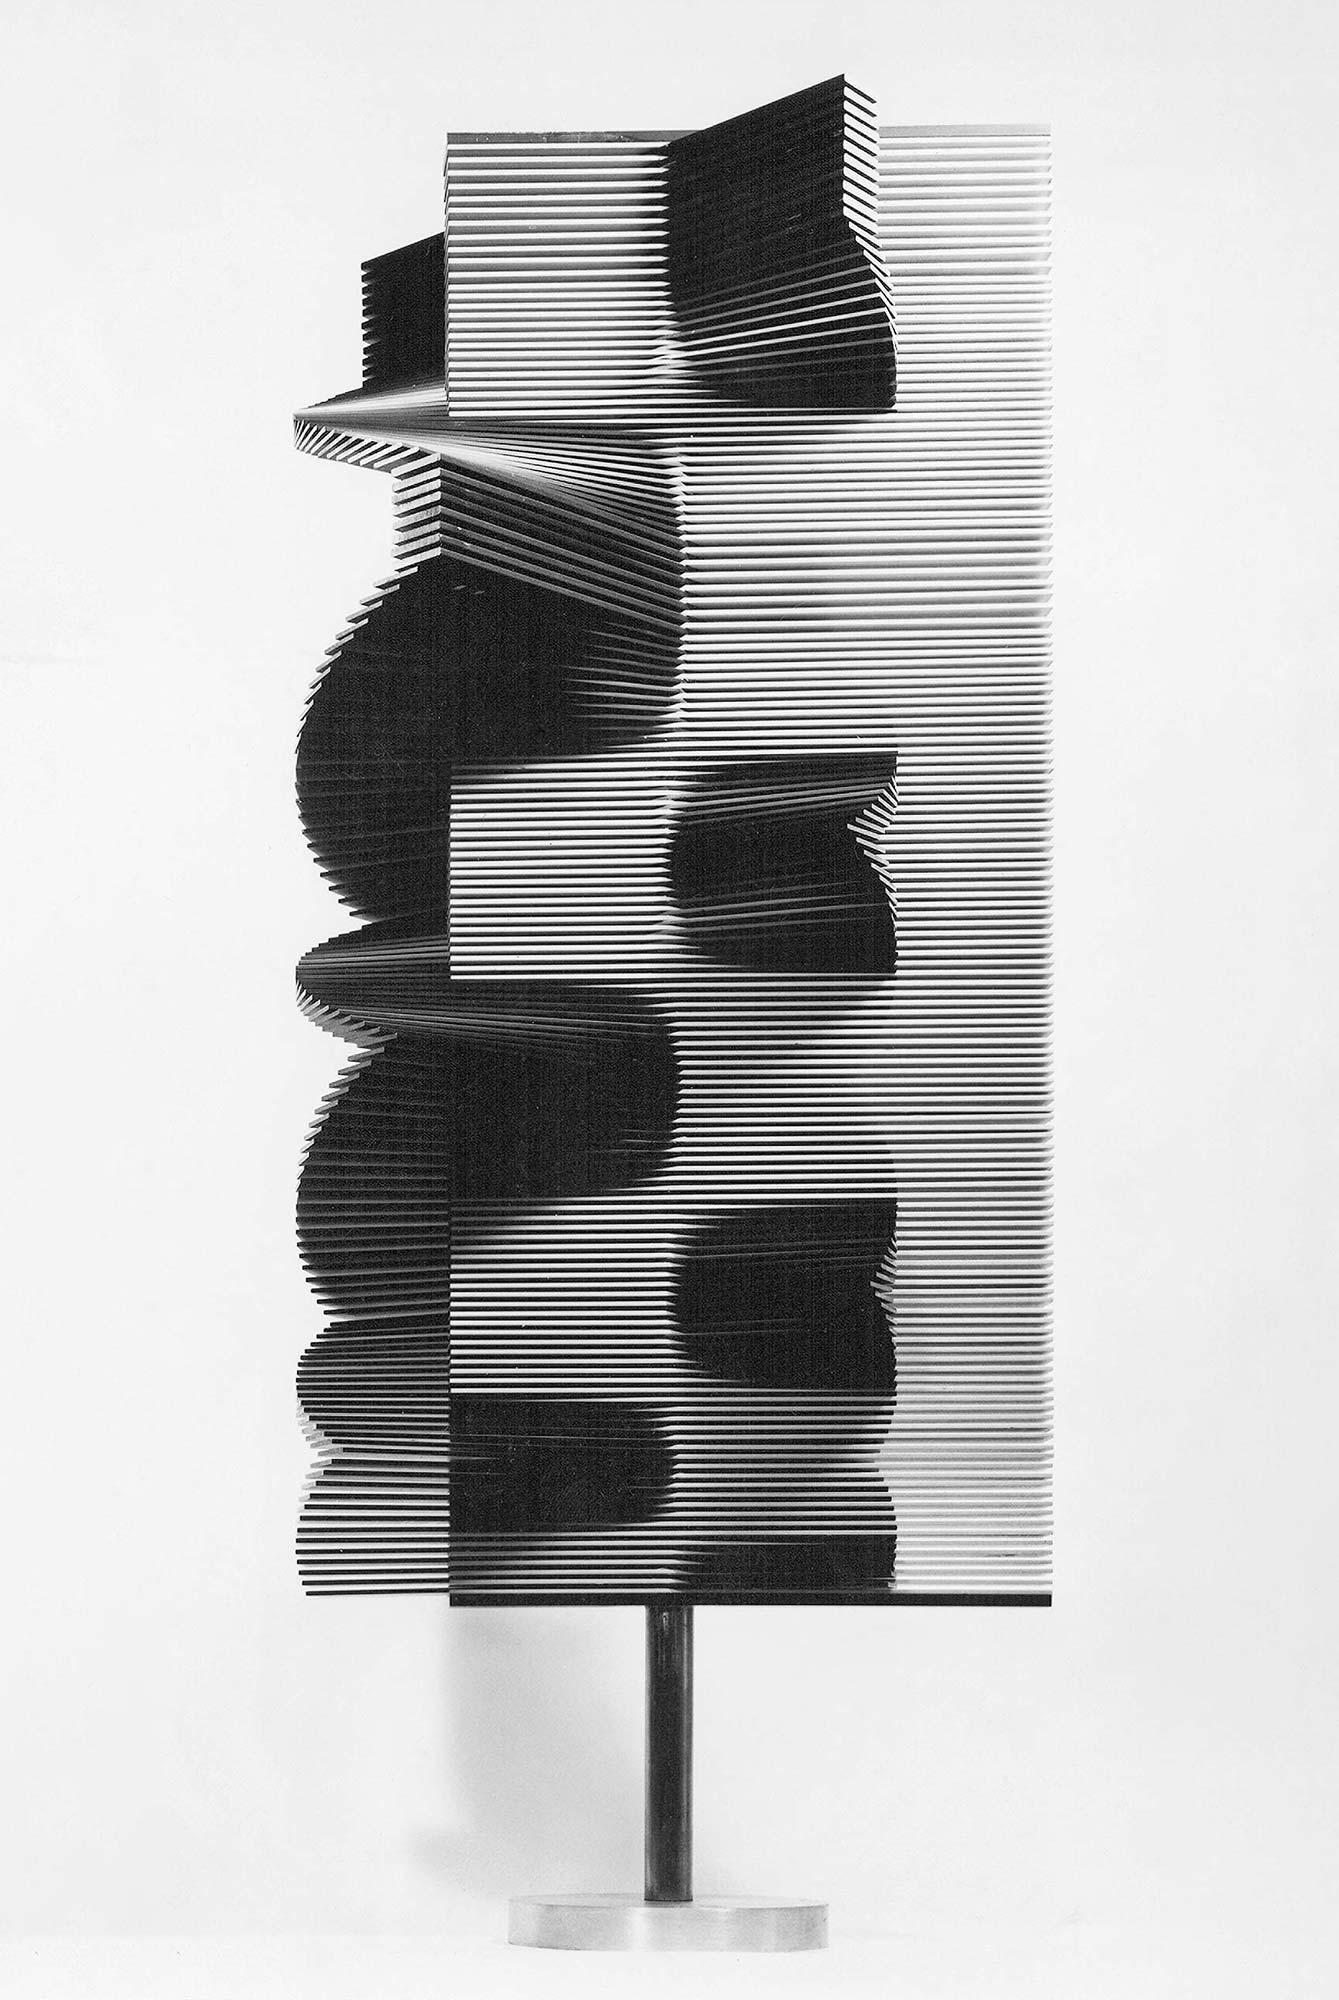 teokset-pienenpieni-anodisoitu-alumiini-1976